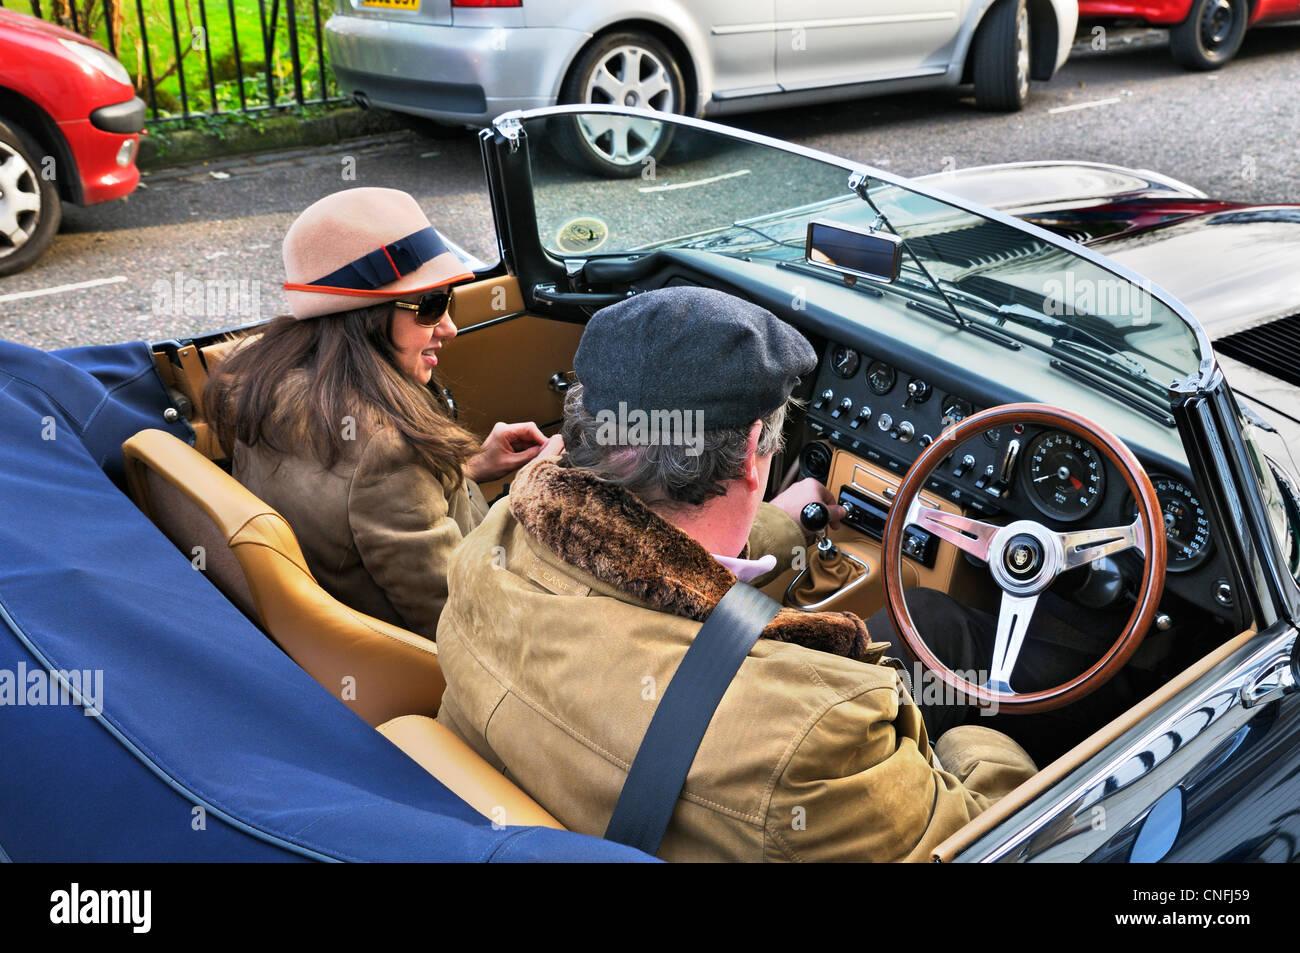 Dame et gent assis dans un E-type Jaguar voiture classique, London, England, UK Photo Stock